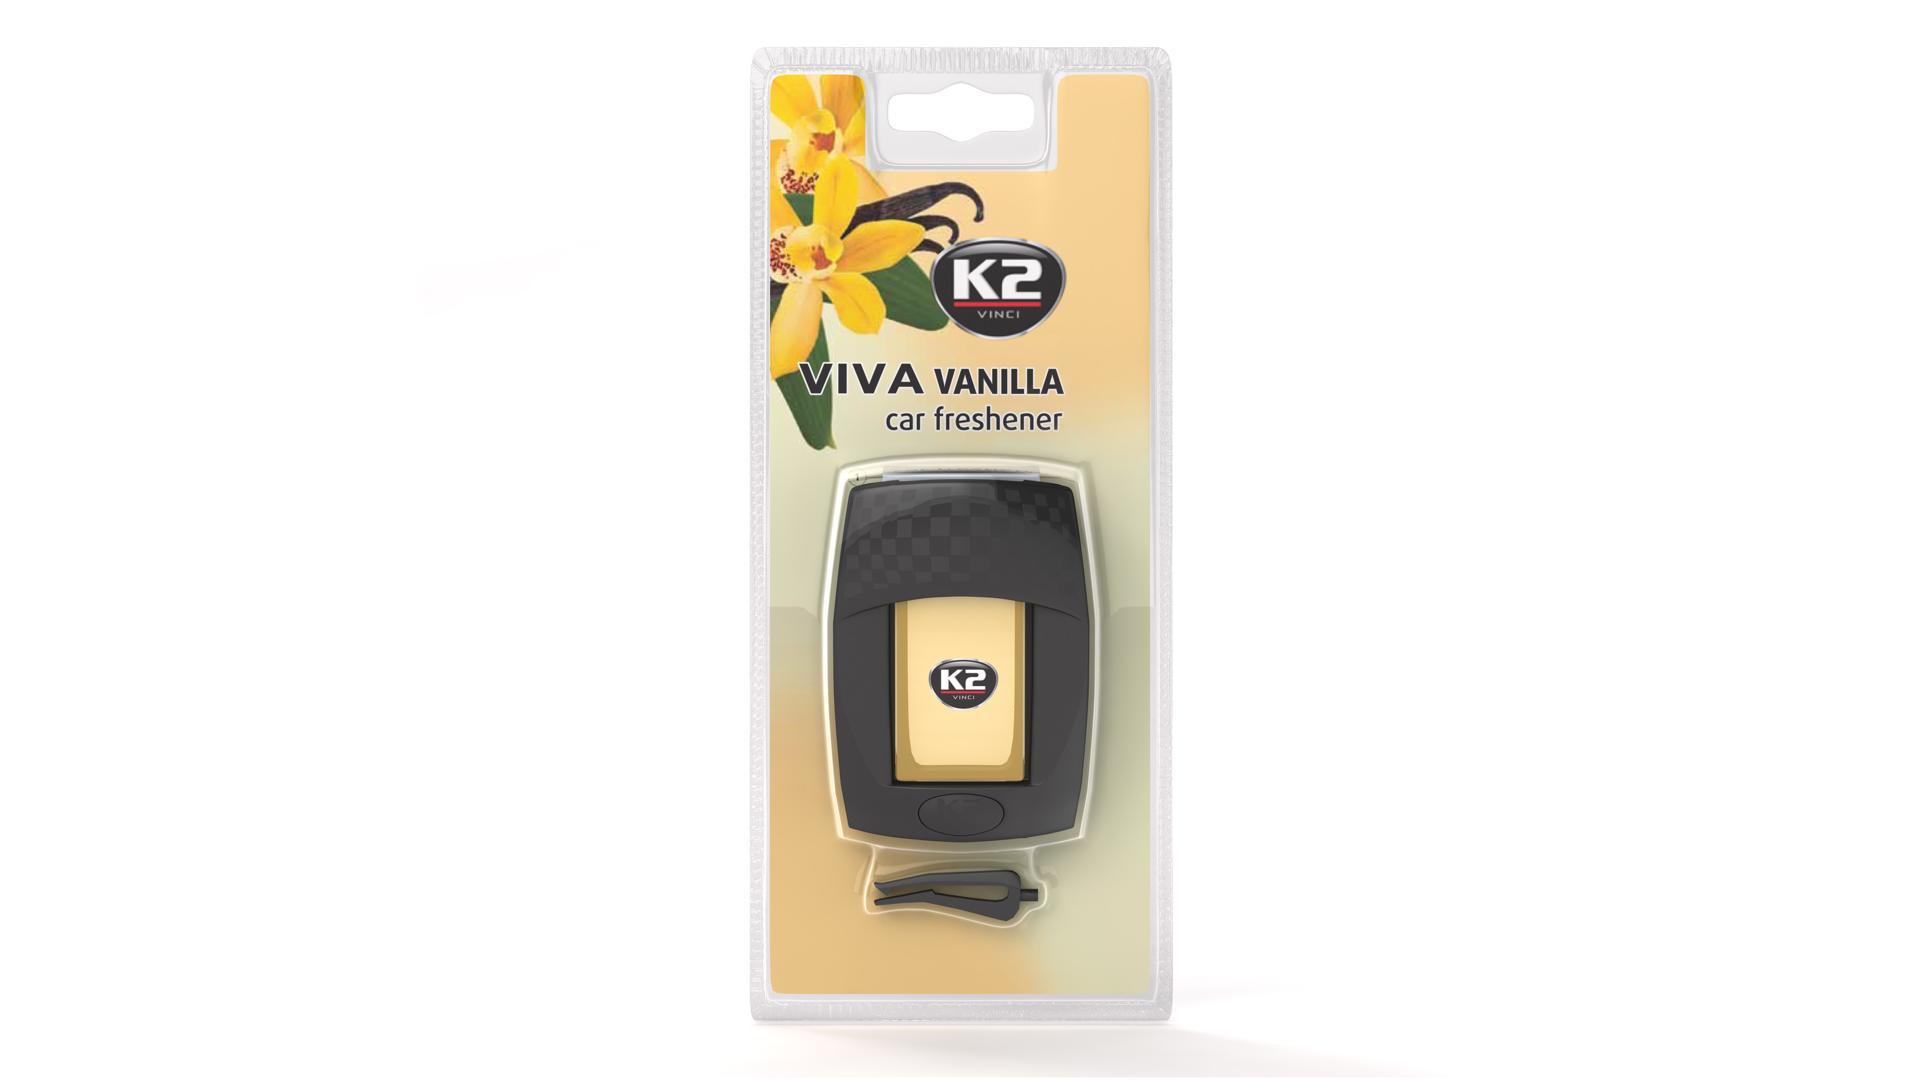 K2 VIVA VANILLA